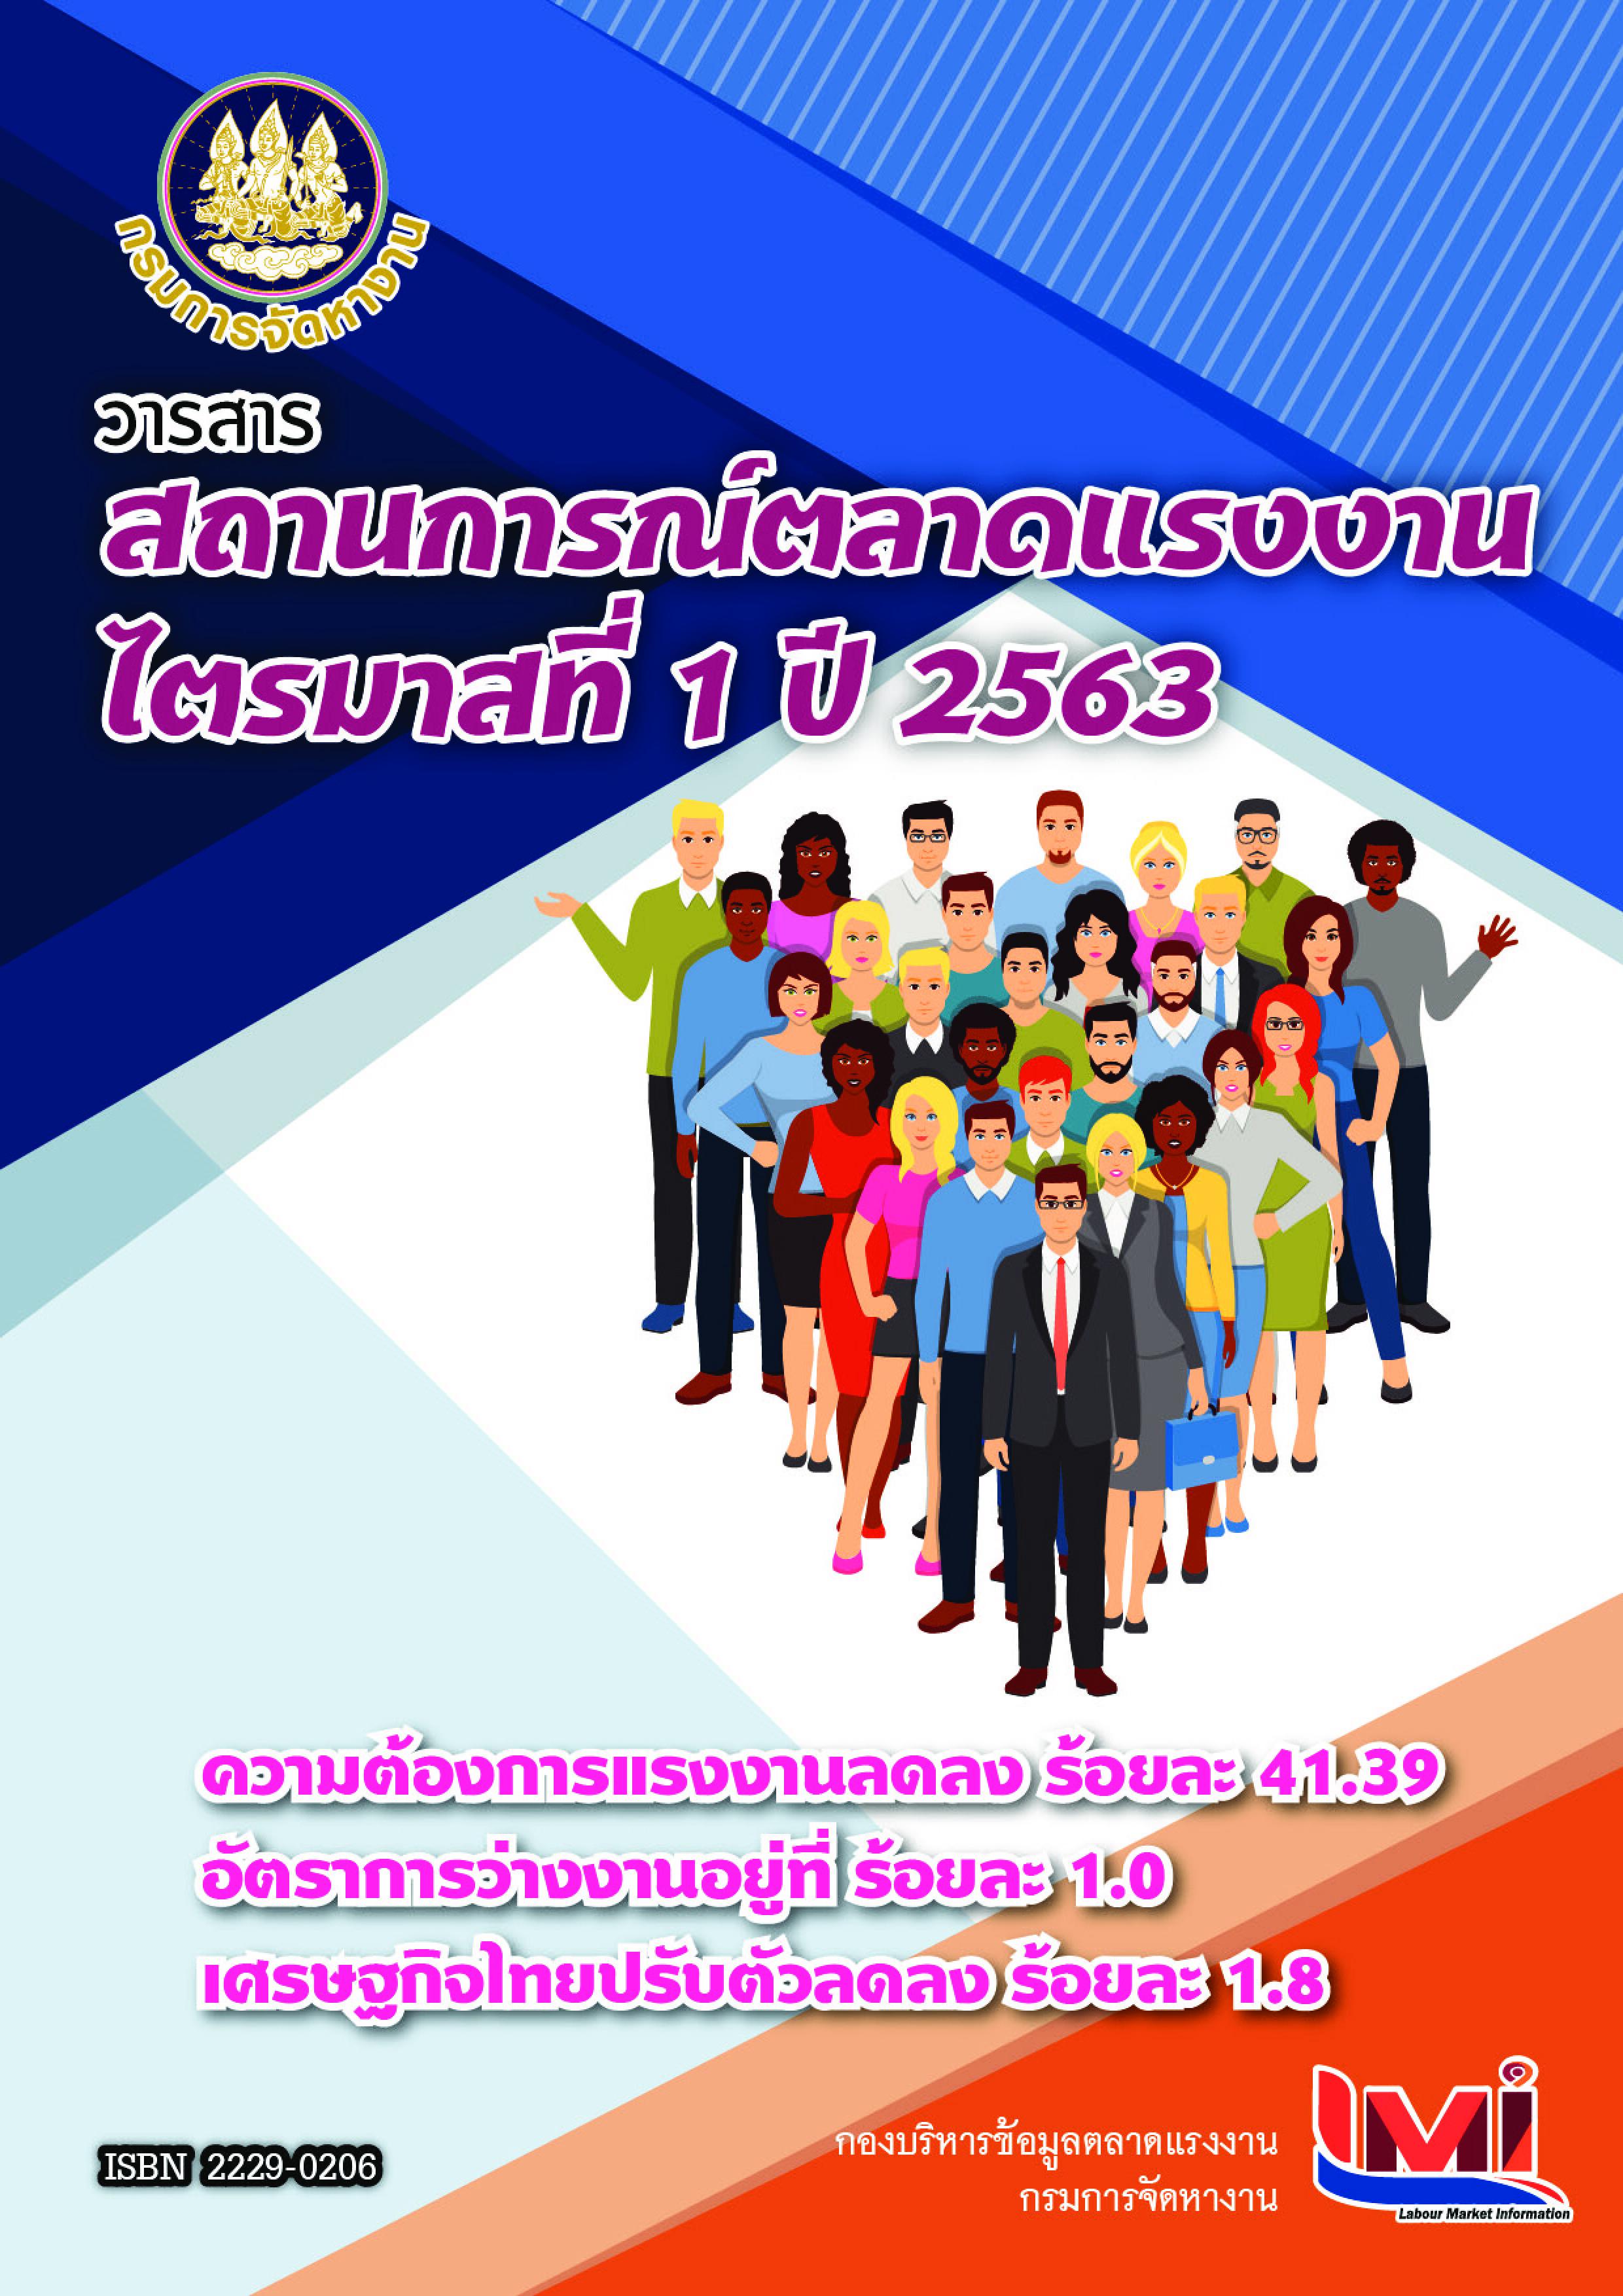 วารสารสถานการณ์ตลาดแรงงานไตรมาสที่ 1/ 2563